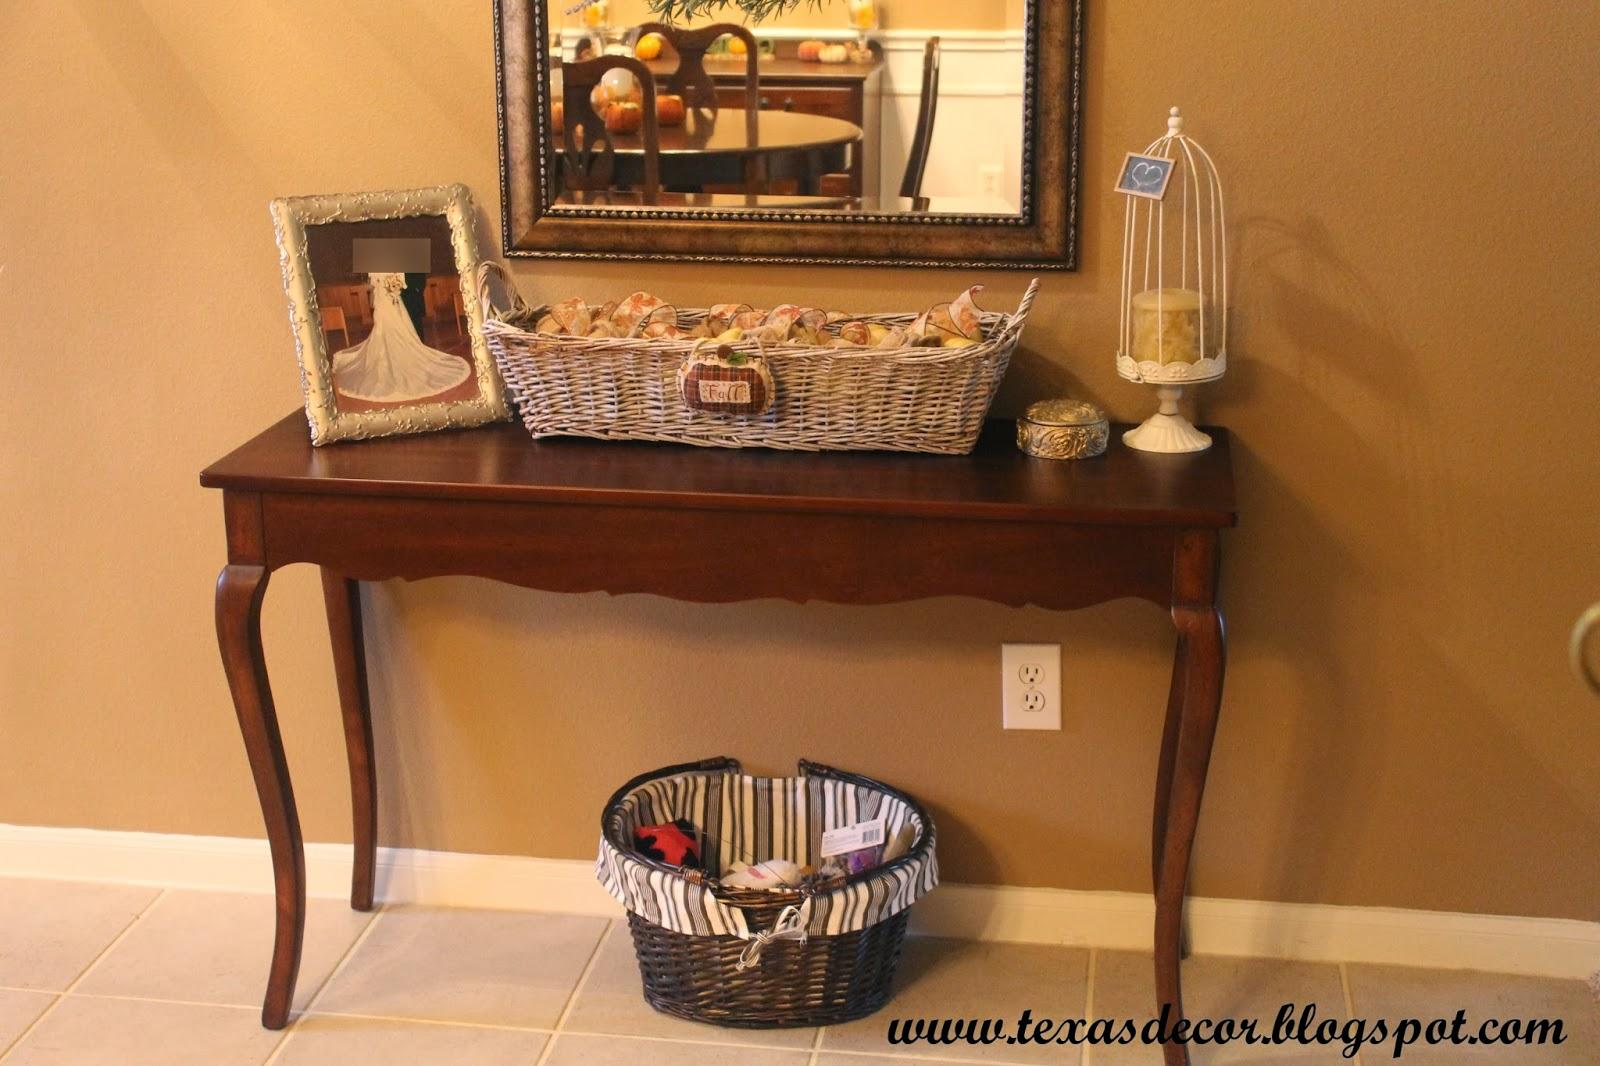 Texas Decor A Basket Redo